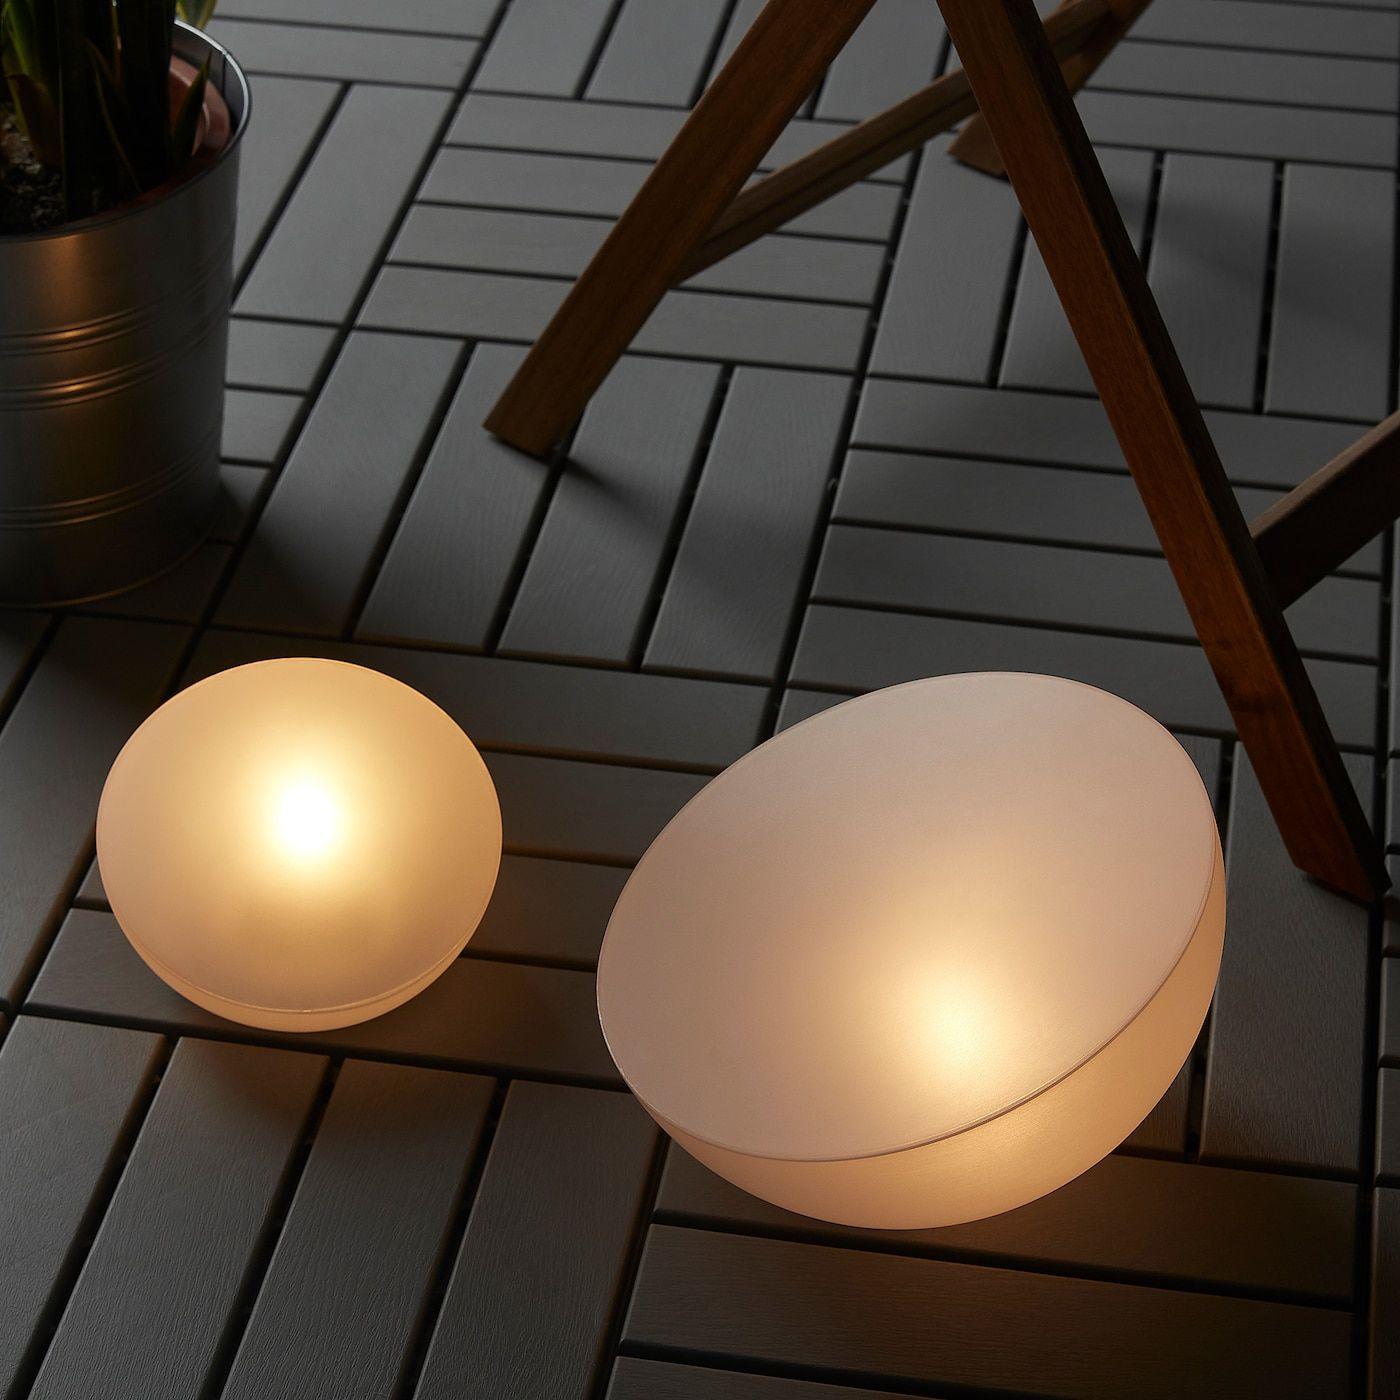 Solvinden Solarleuchte Led Fur Draussen Halbkugel Weiss Solarleuchten Lichterkette Draussen Led Lampe